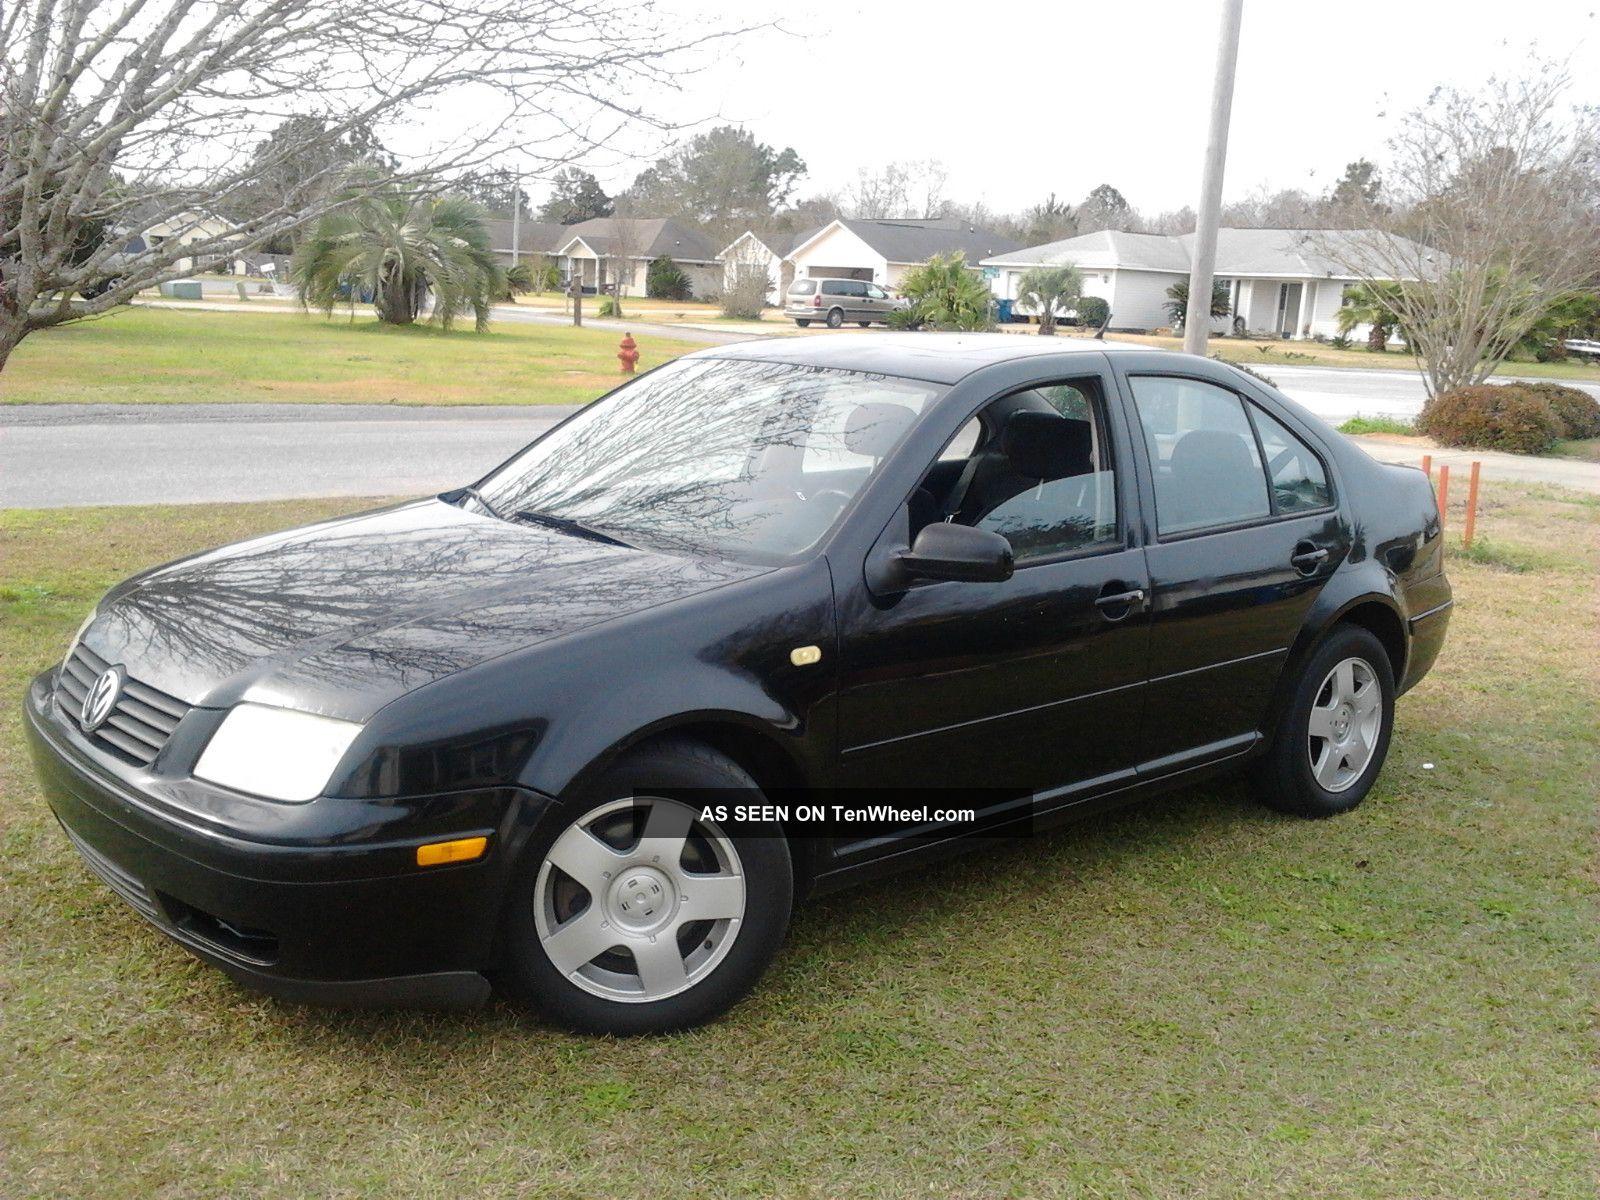 2000 Vw Jetta Gls Tdi Diesel.  45mpg.  Auto,  Ac,  Cd.  No Rust.  No Reverse. Jetta photo